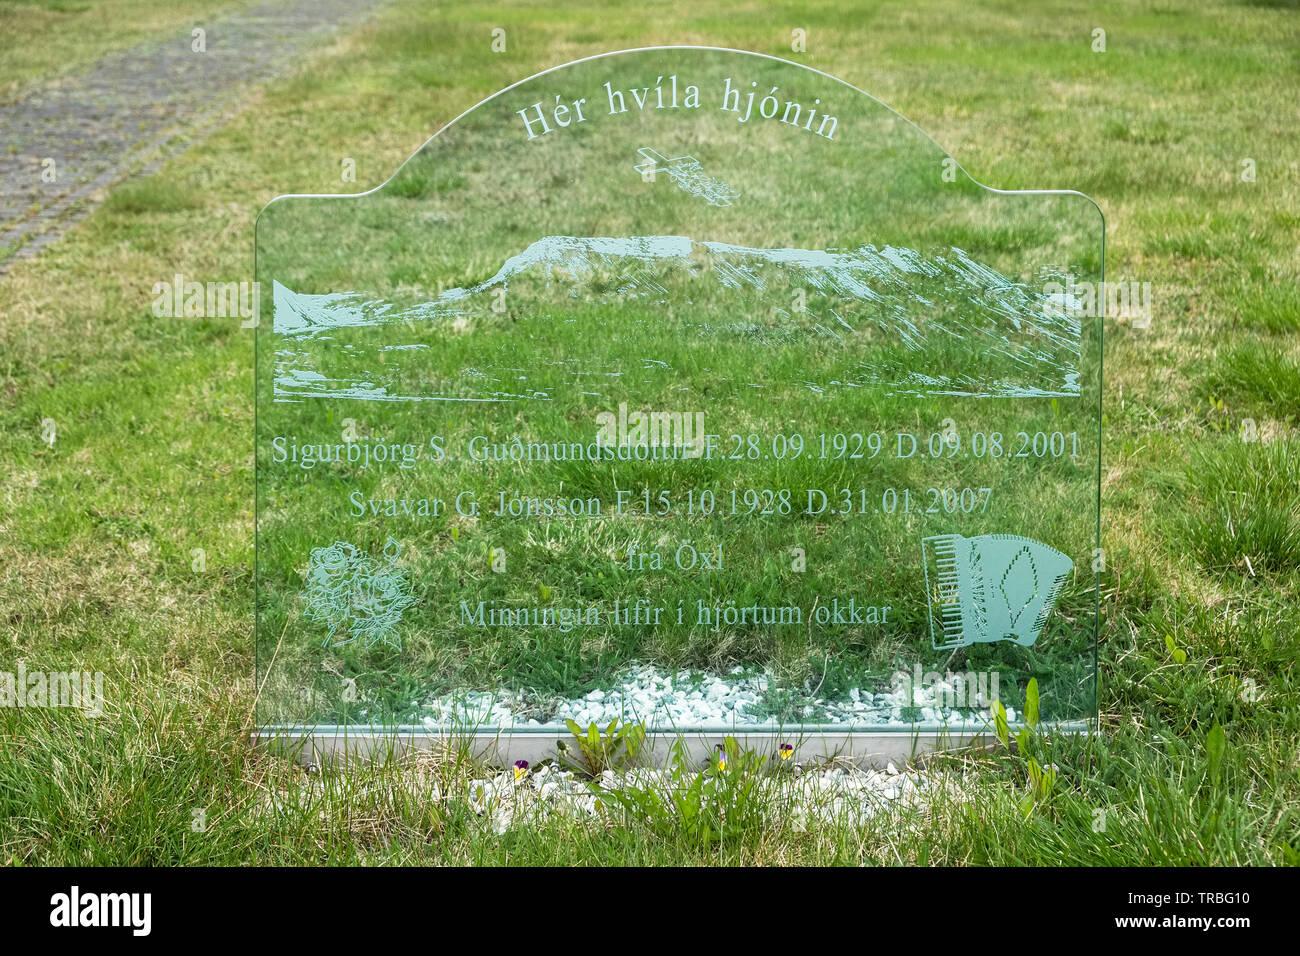 Una placa grabada en la lápida de vidrio, cerca de Blonduos Þingeyrakirkja Iglesia en el norte de Islandia Imagen De Stock